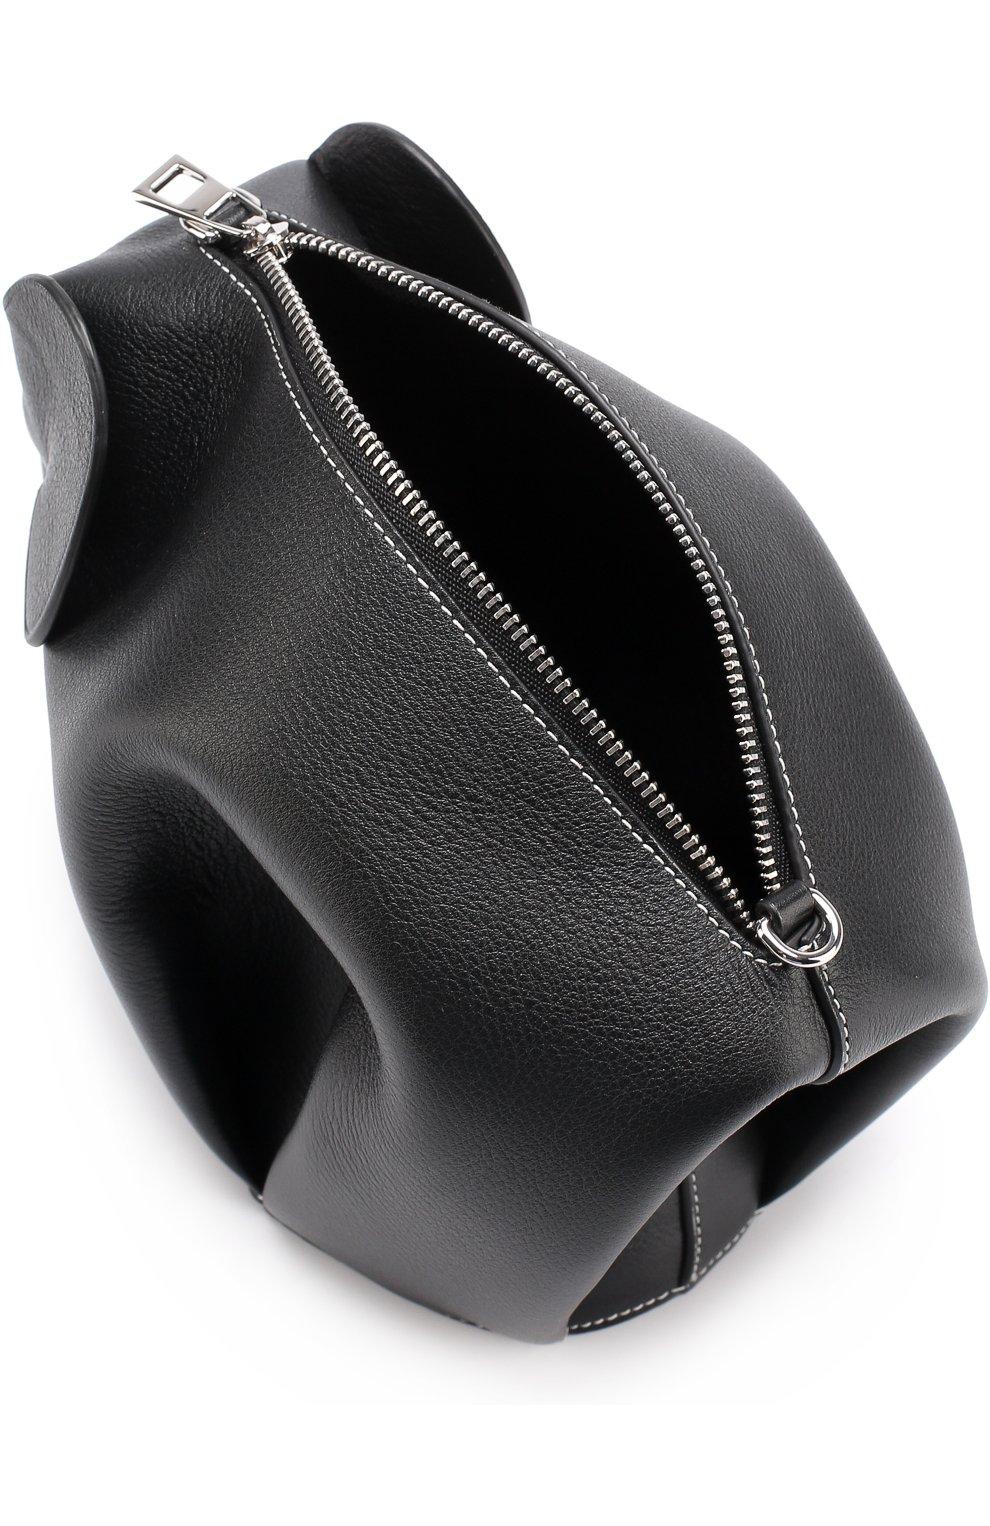 c12e55b0706b Женская сумка elephant LOEWE черная цвета — купить за 72350 руб. в ...